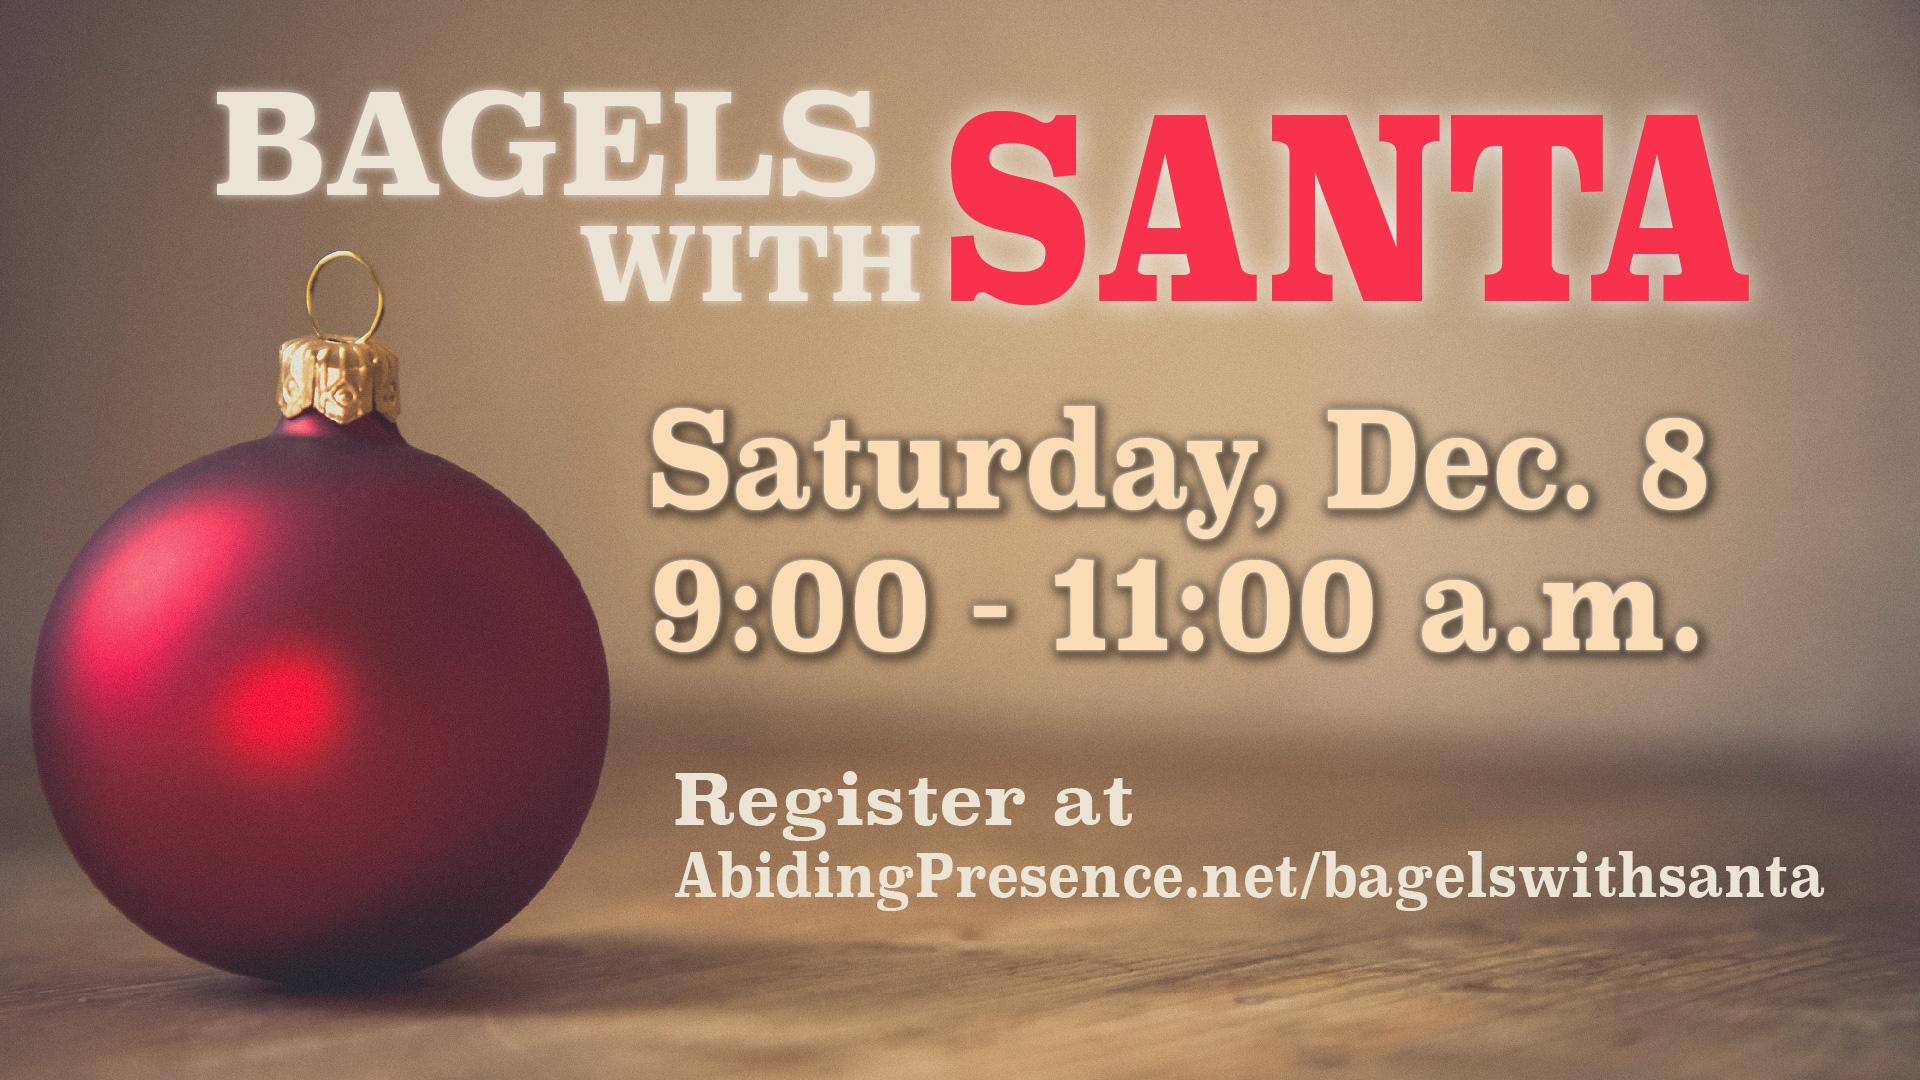 Bagels with Santa slide 2018.jpg